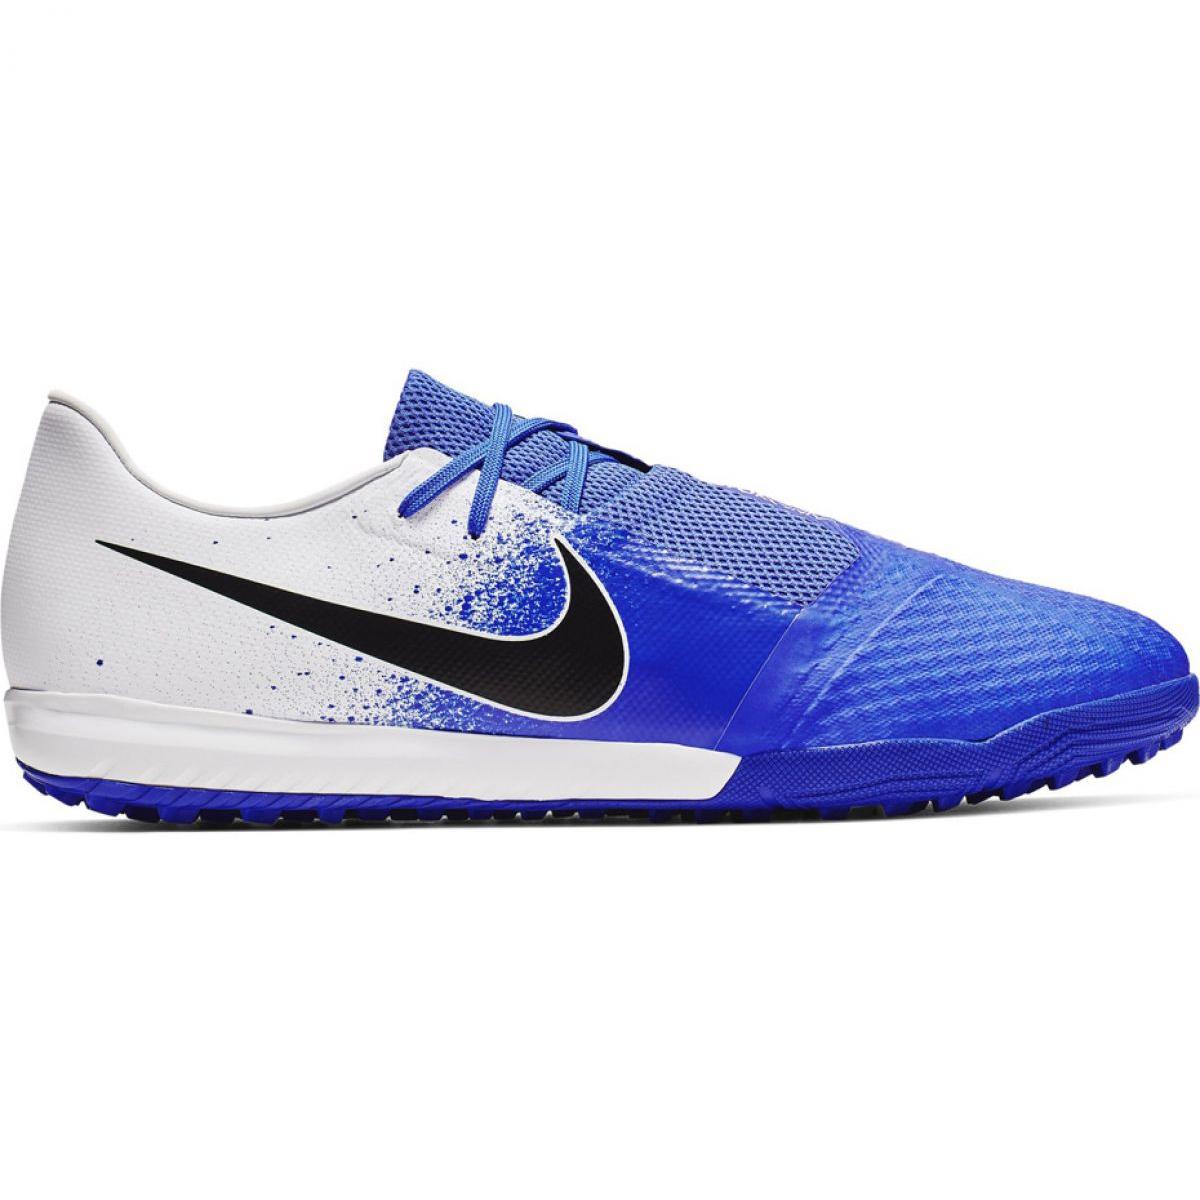 Zapatos de fútbol Nike Phantom Venom Academy Tf M AO0571 104 blanco rojo azul